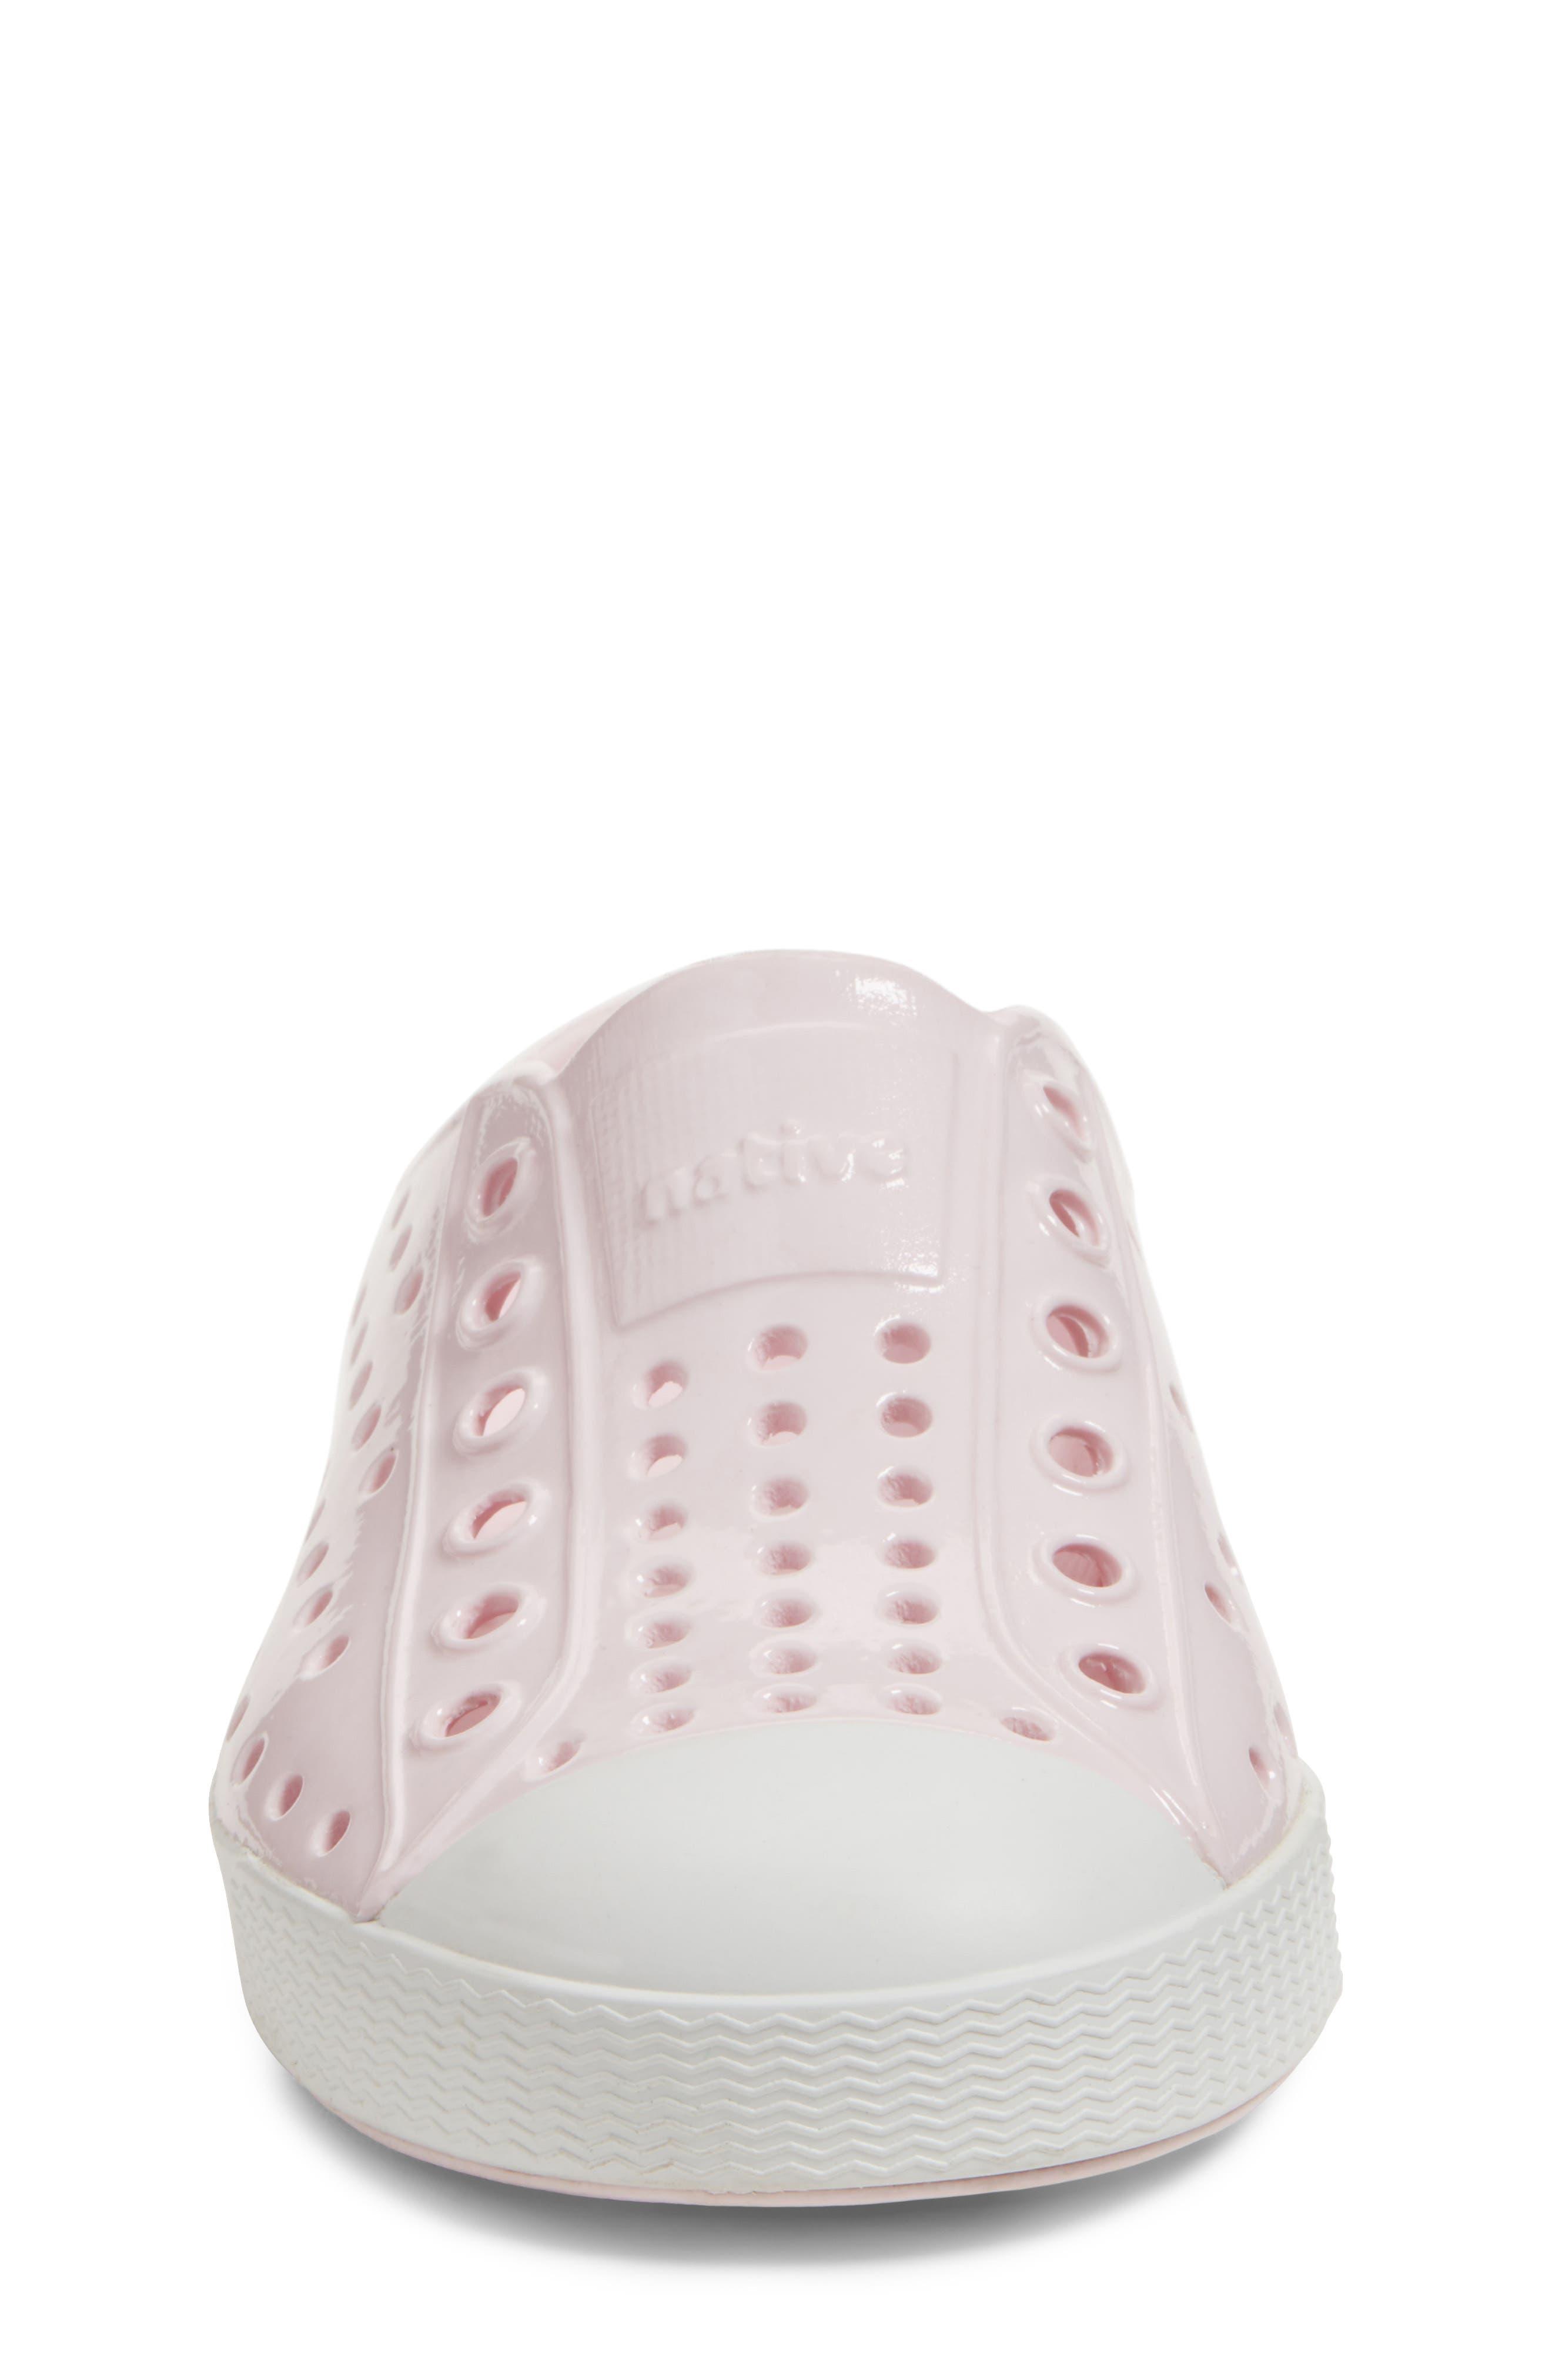 Jefferson Glossy Slip-On Sneaker,                             Alternate thumbnail 4, color,                             MILK PINK/ SHELL WHITE